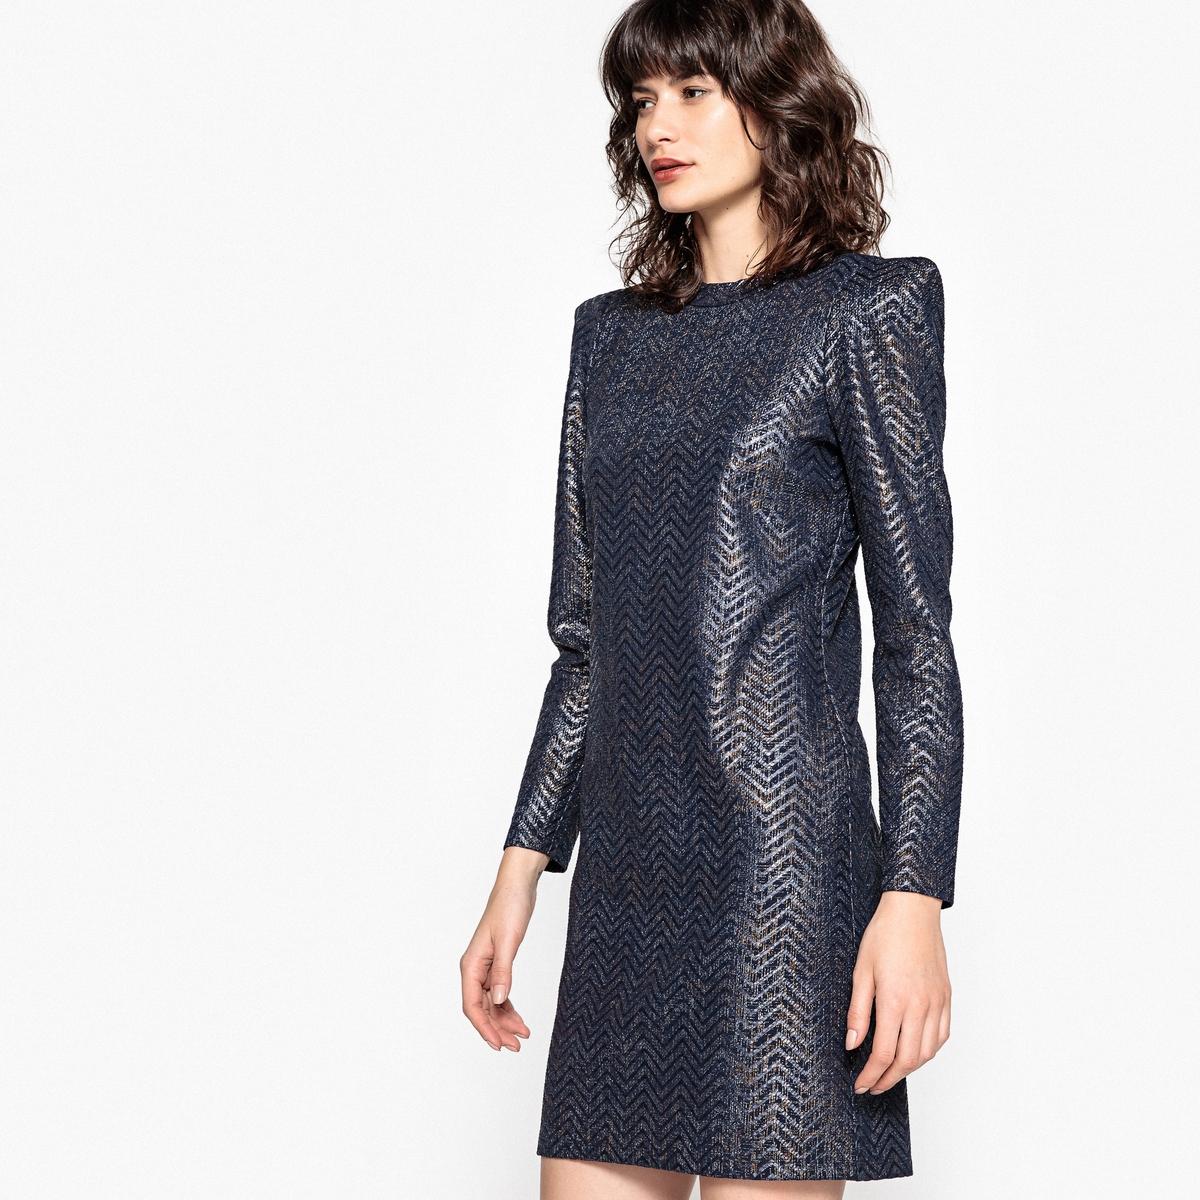 Платье La Redoute С блестящим эффектом и длинными рукавами M синий шорты la redoute плавательные с принтом джунгли мес года 18 мес 81 см синий